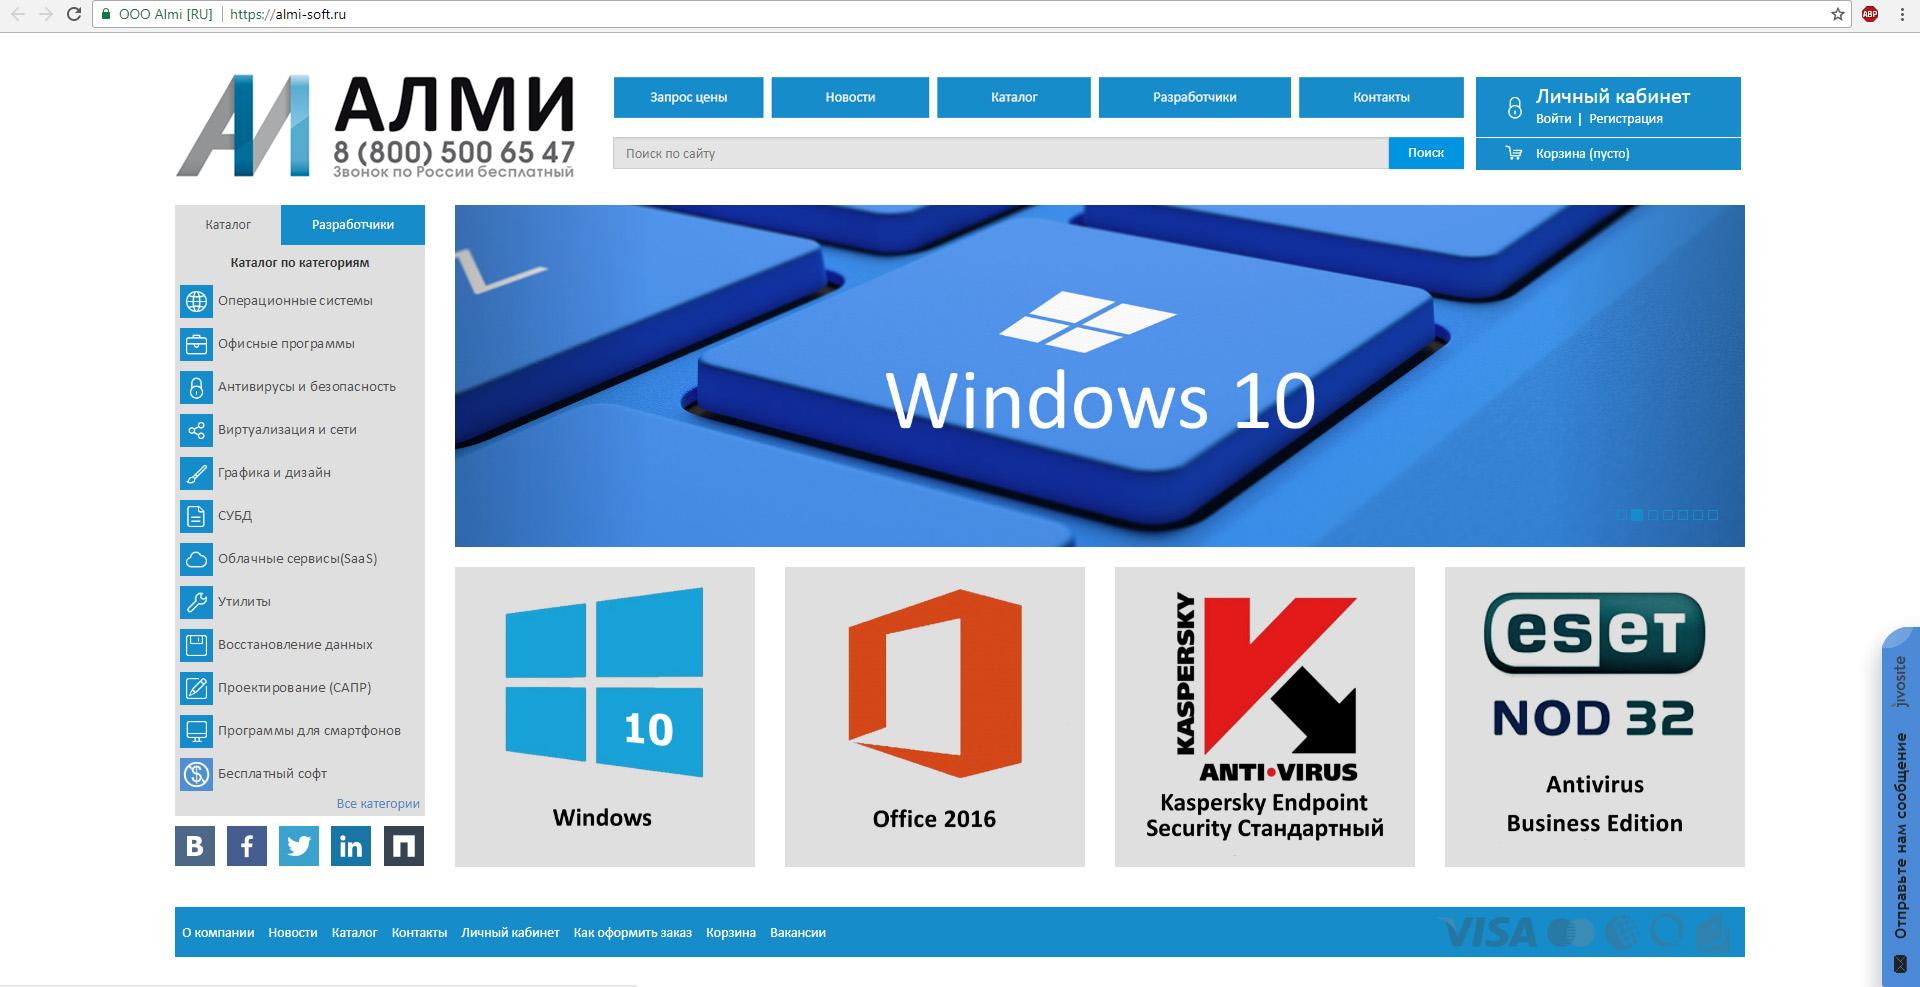 Разработка логотипа и фона фото f_162598af84167f2e.jpg